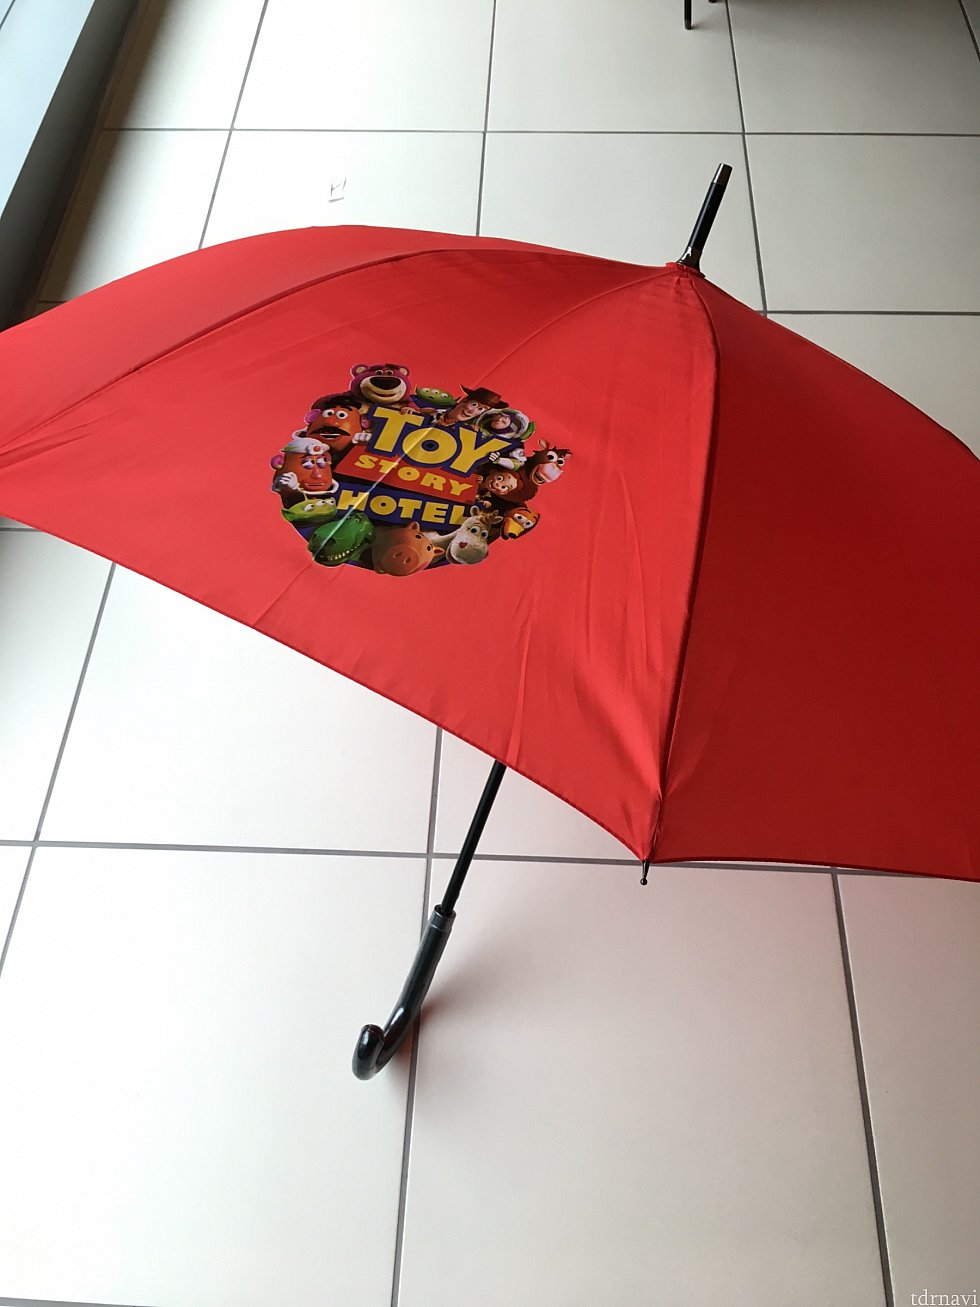 雨が降っていたらベルデスクで傘を貸してもらえます。